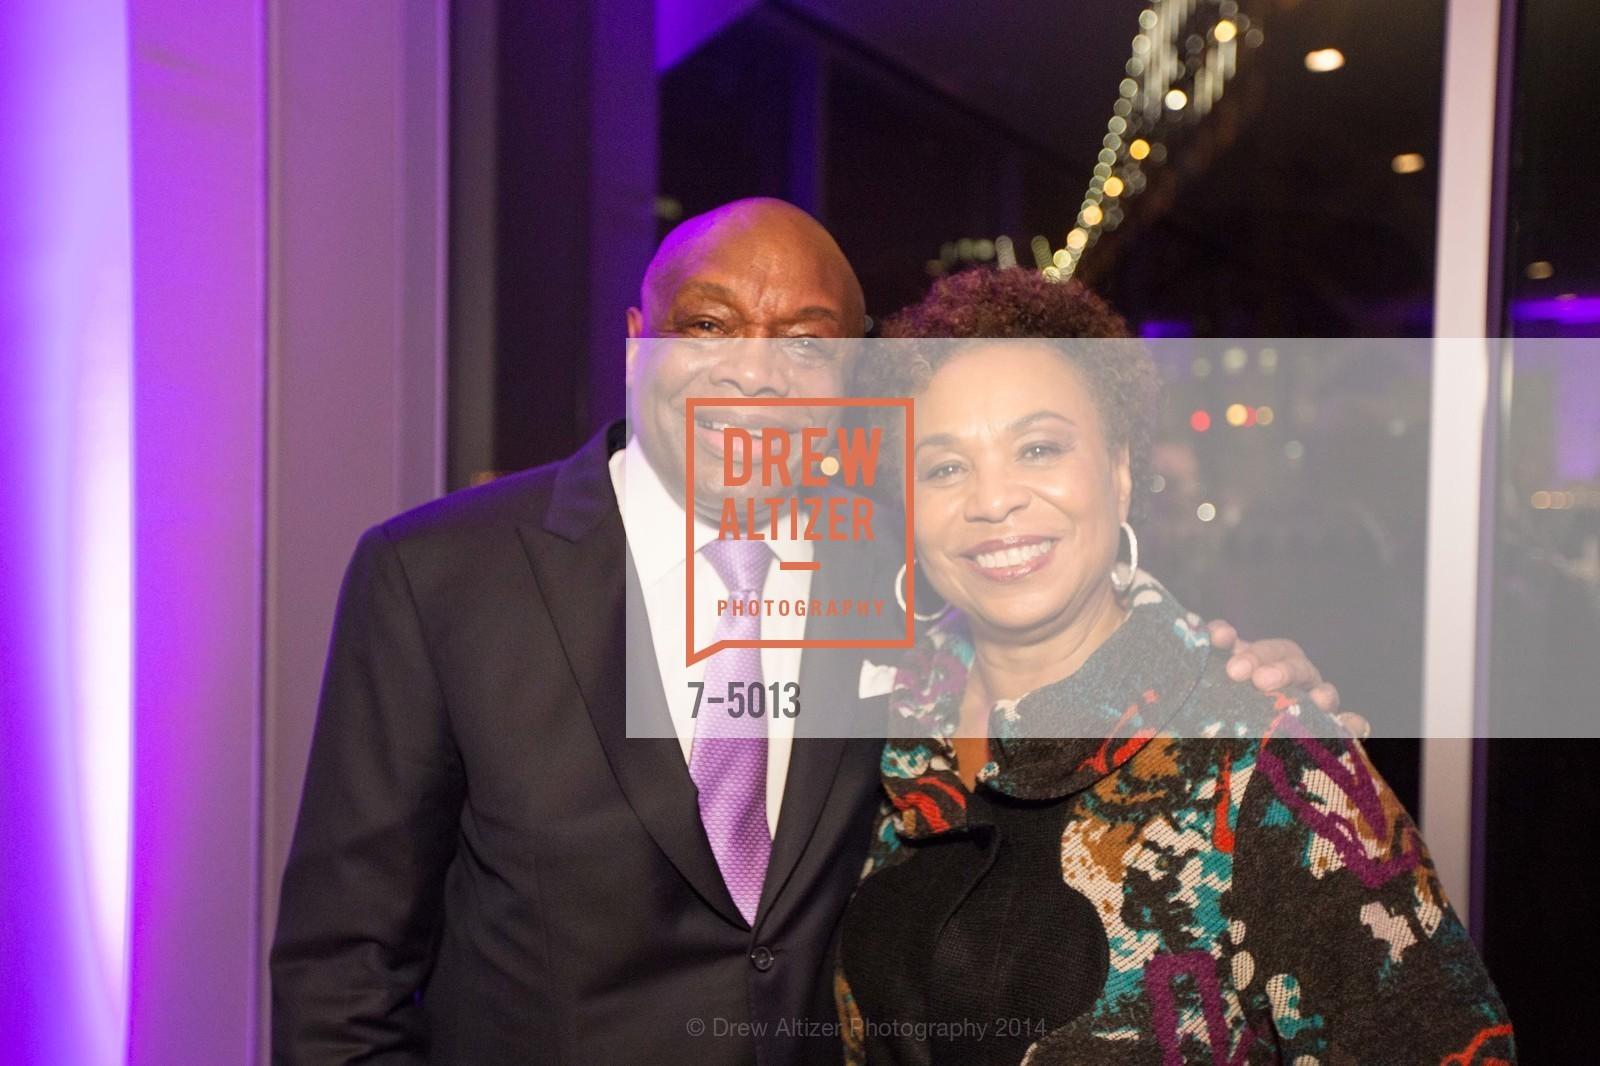 Willie Brown, Photo #7-5013